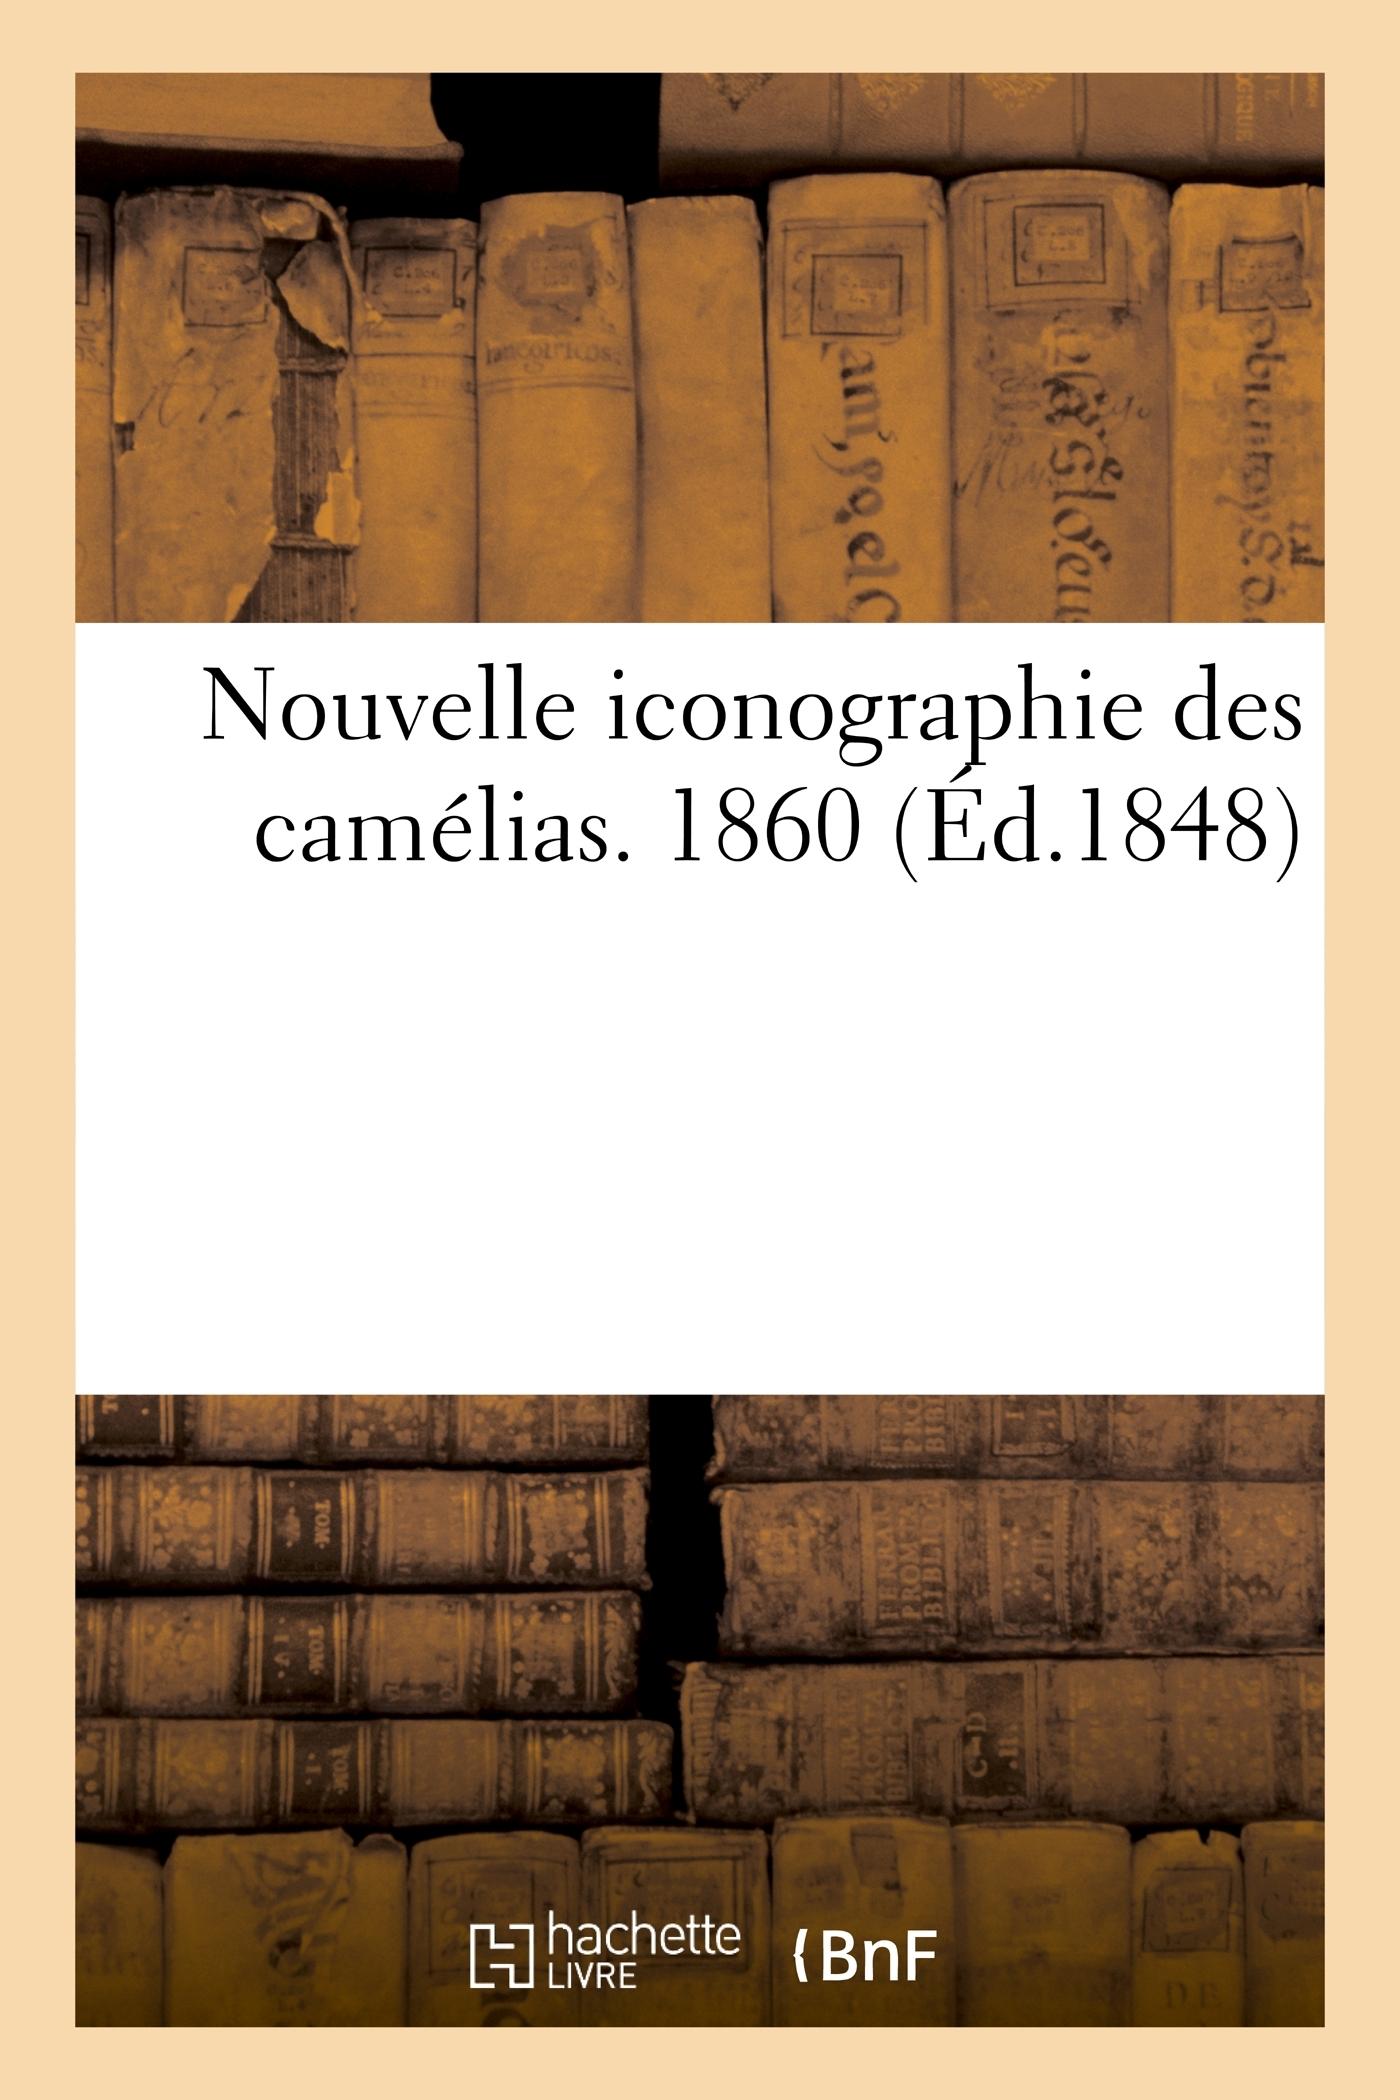 NOUVELLE ICONOGRAPHIE DES CAMELIAS : CONTENANT LES FIGURES ET LA DESCRIPTION DES PLUS RARES. 1860 -